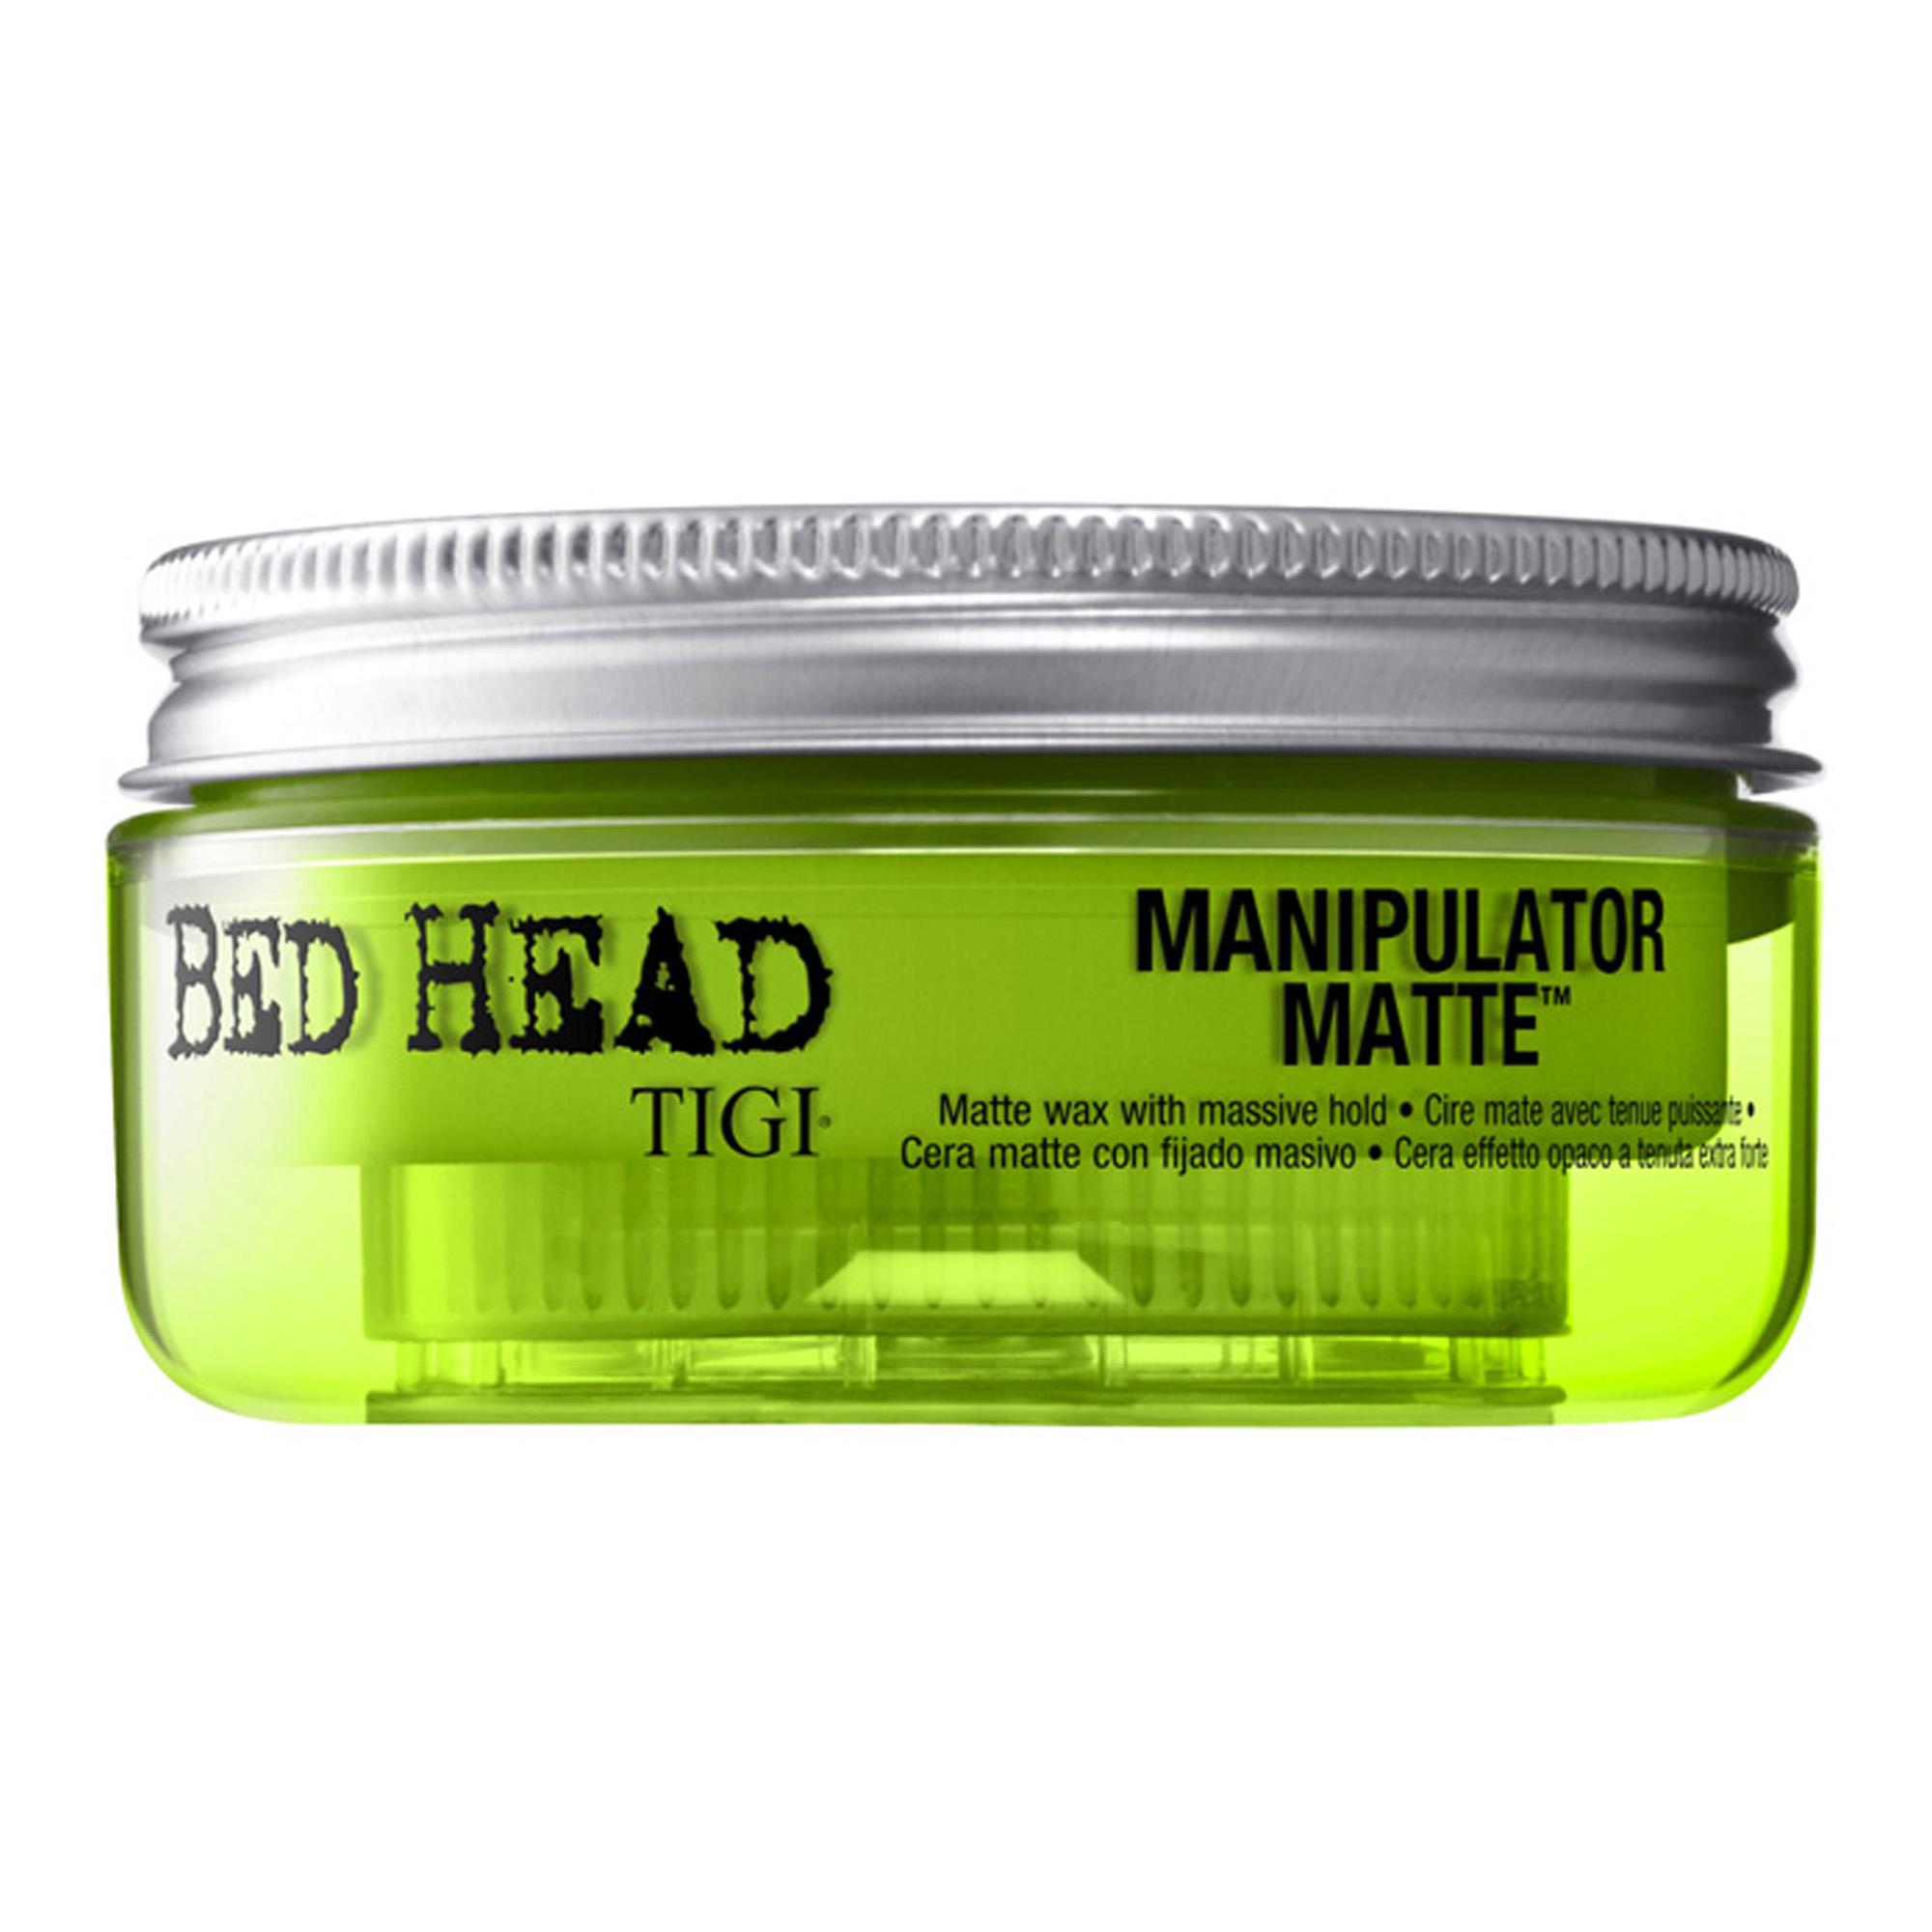 TIGI - Bed Head Manipulator Matte Voks